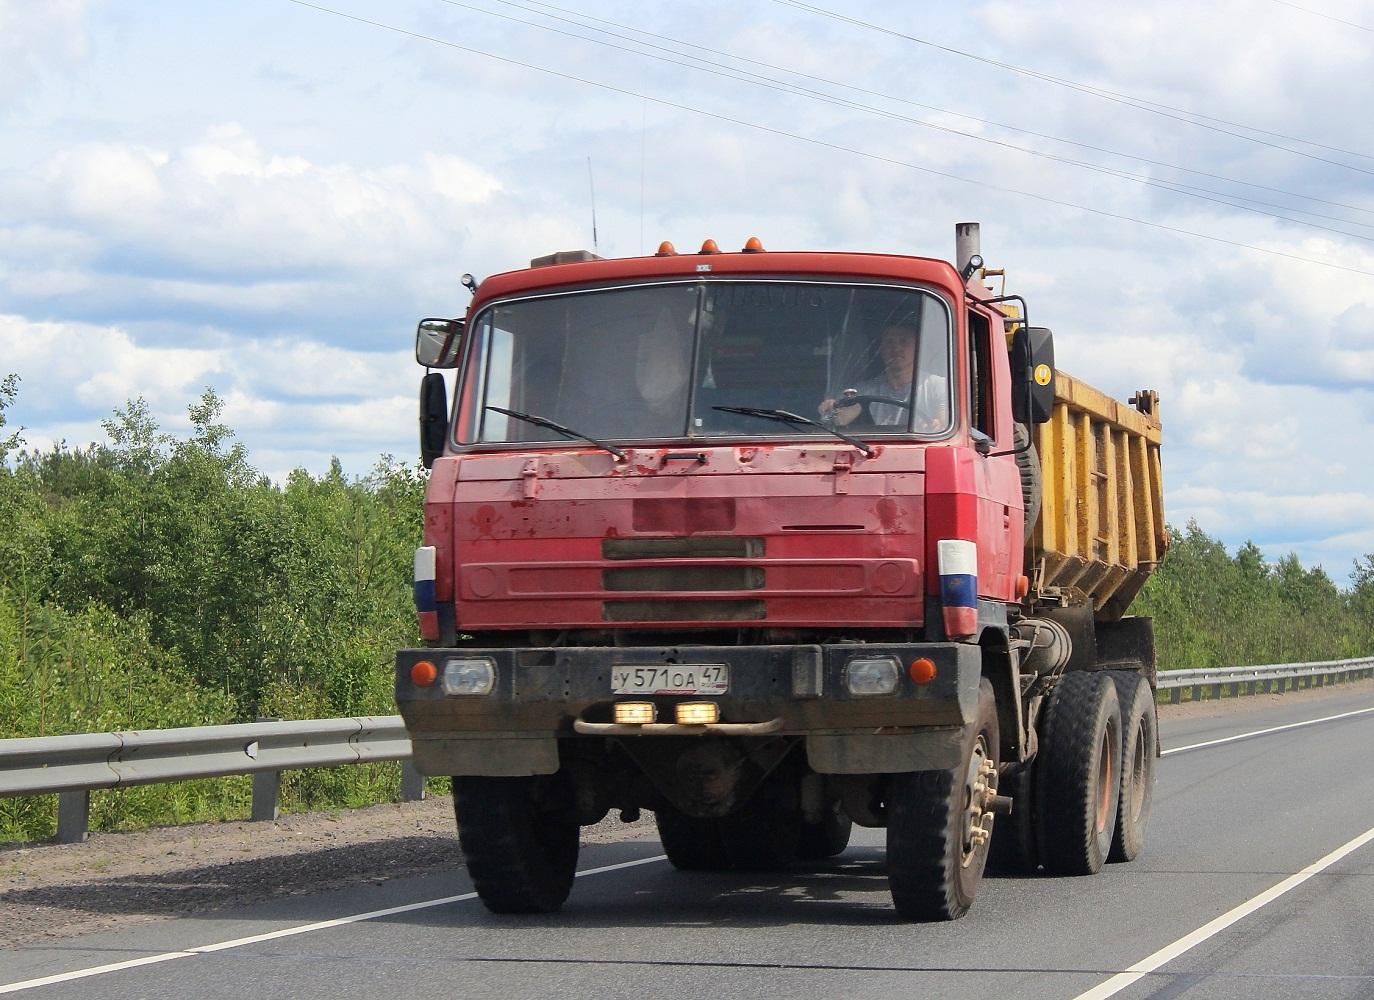 Самосвал Tatra 815 #У 571 ОА 47. Ленинградская область, Лужский район, трасса Р-23